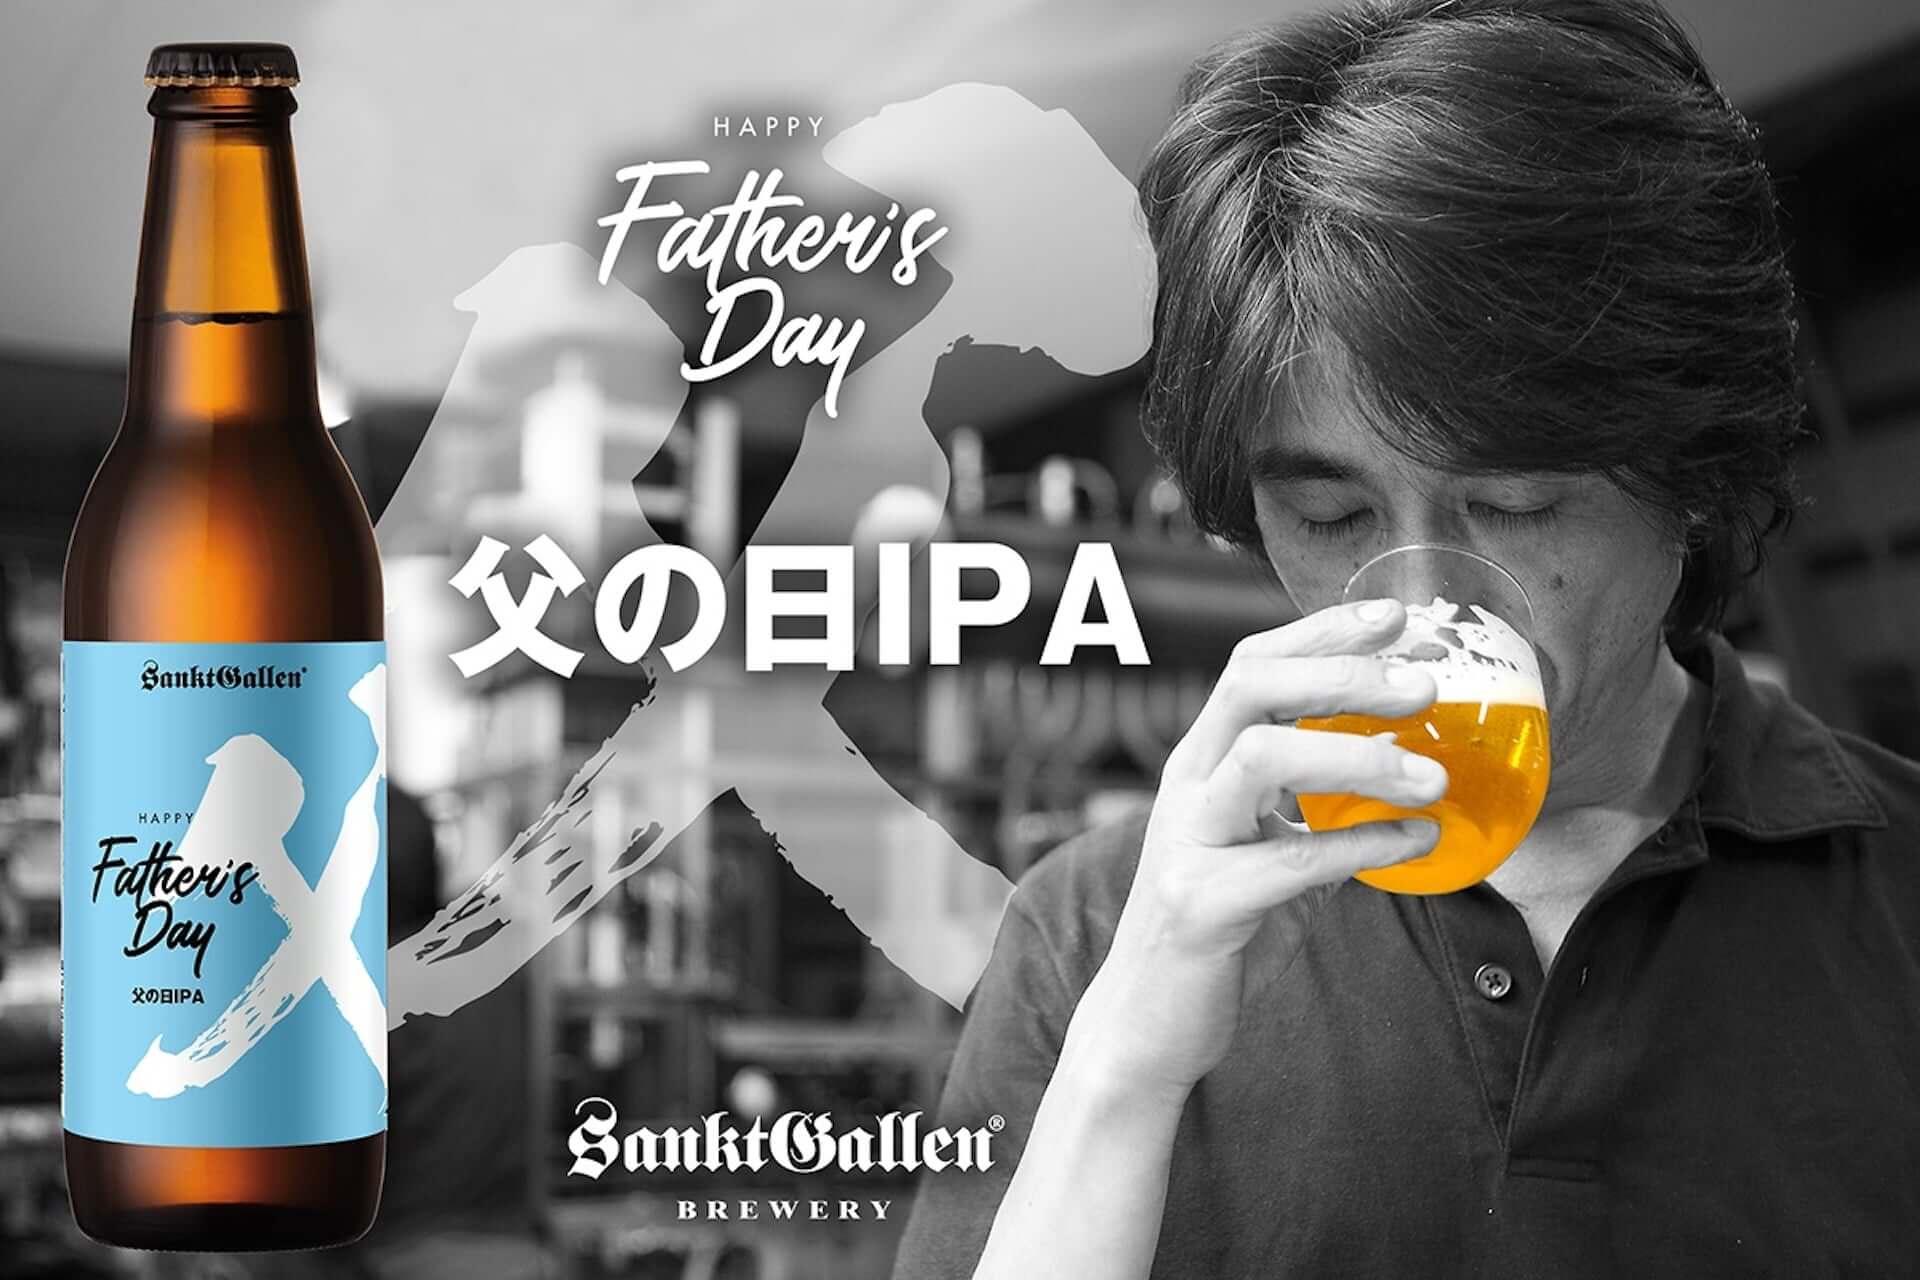 父の日のギフトにも!期間限定クラフトビール『父の日 IPA』がサンクトガーレンより新発売 gourmet200514_sanktgallen_beer_2-1920x1280